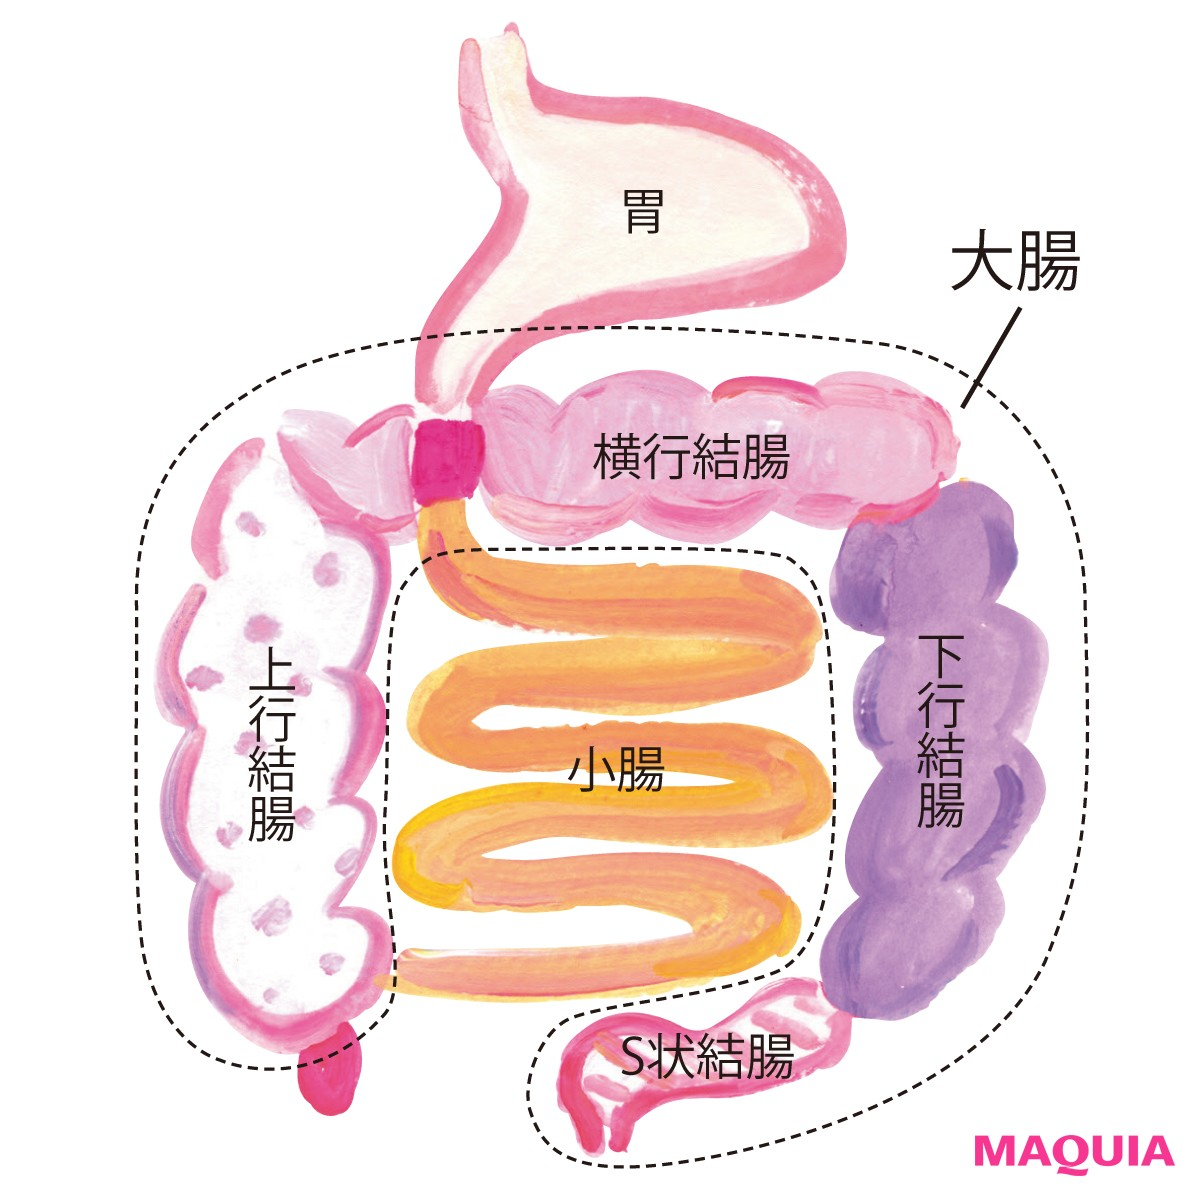 キレイのために知っておきたい【腸の基礎知識10】